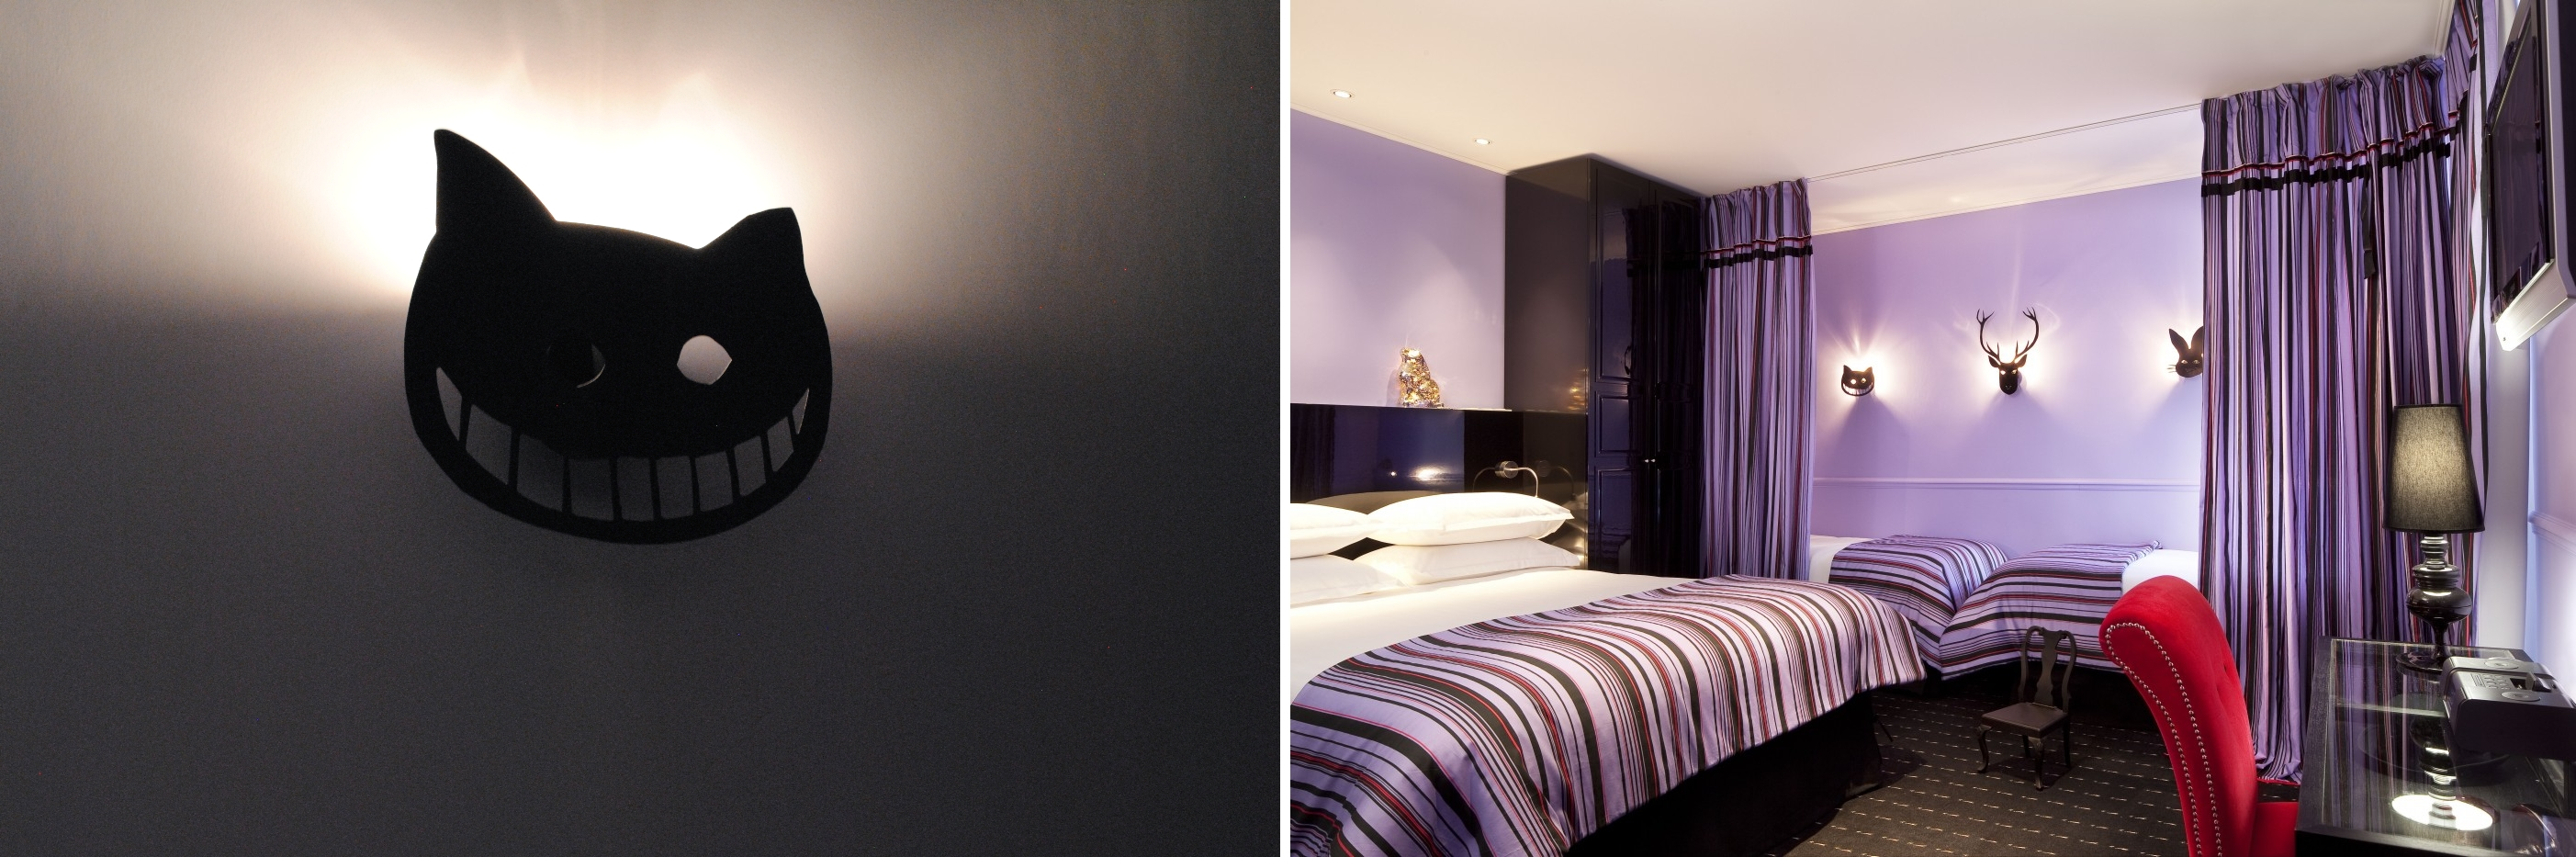 d gusth l originalith 1 mmaxine blog diy d co et lifestyle. Black Bedroom Furniture Sets. Home Design Ideas